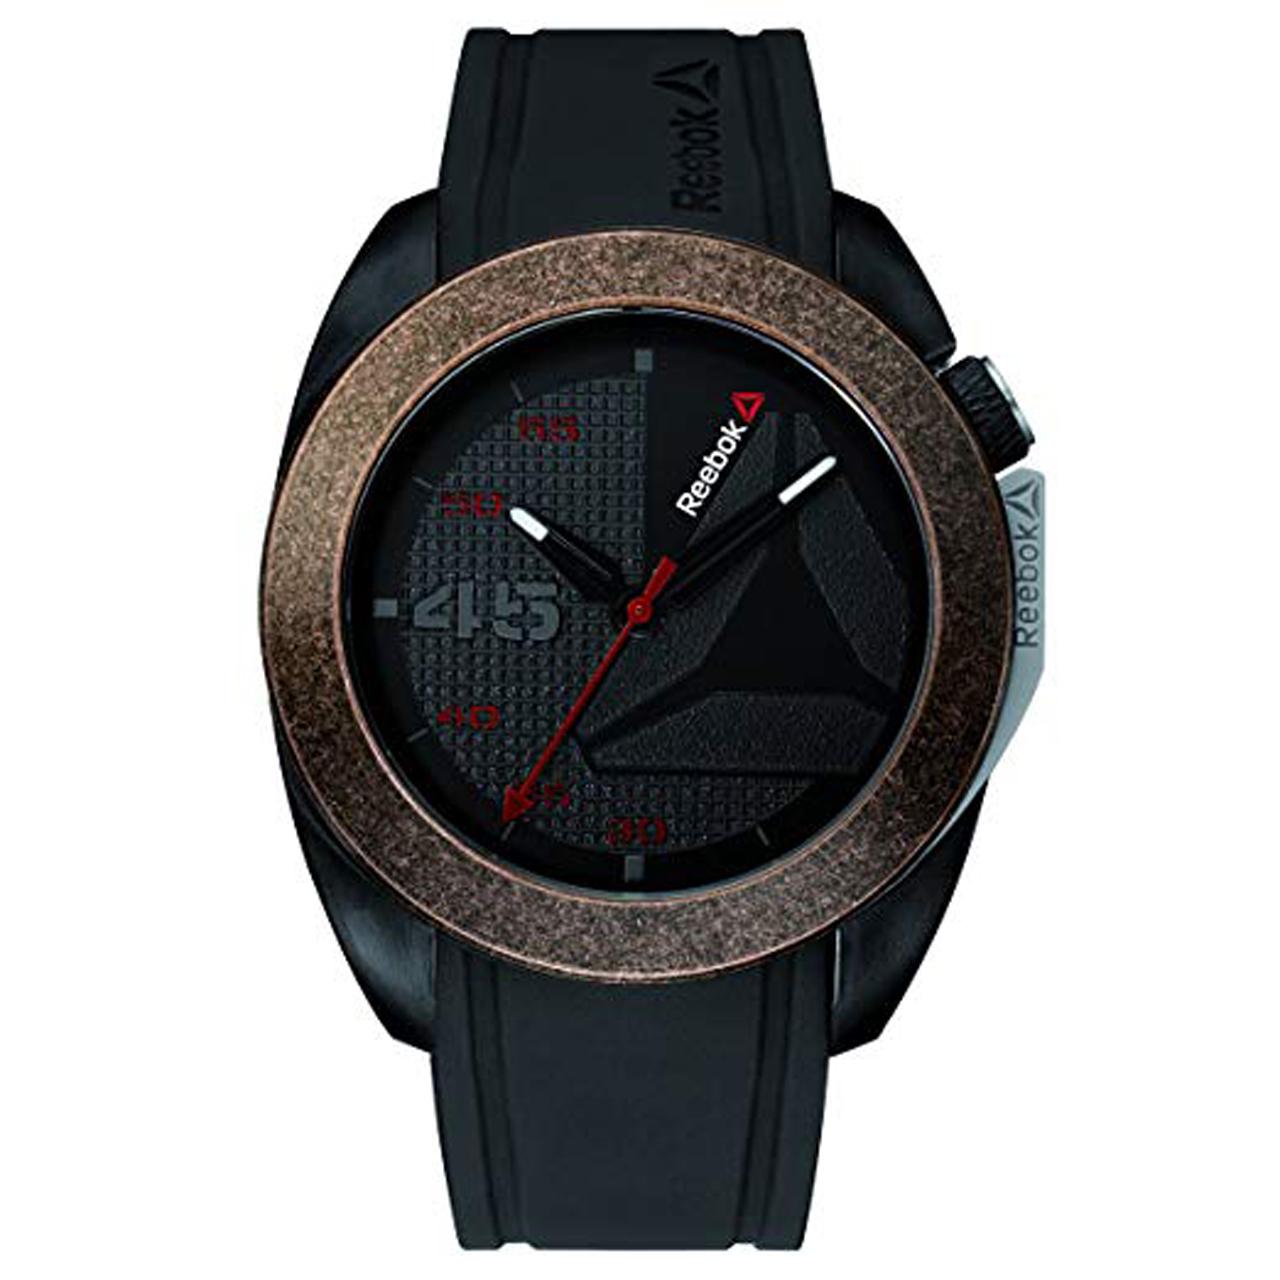 ساعت مچی عقربه ای مردانه ریباک مدل RD-SKO-G2-PBIB-BR